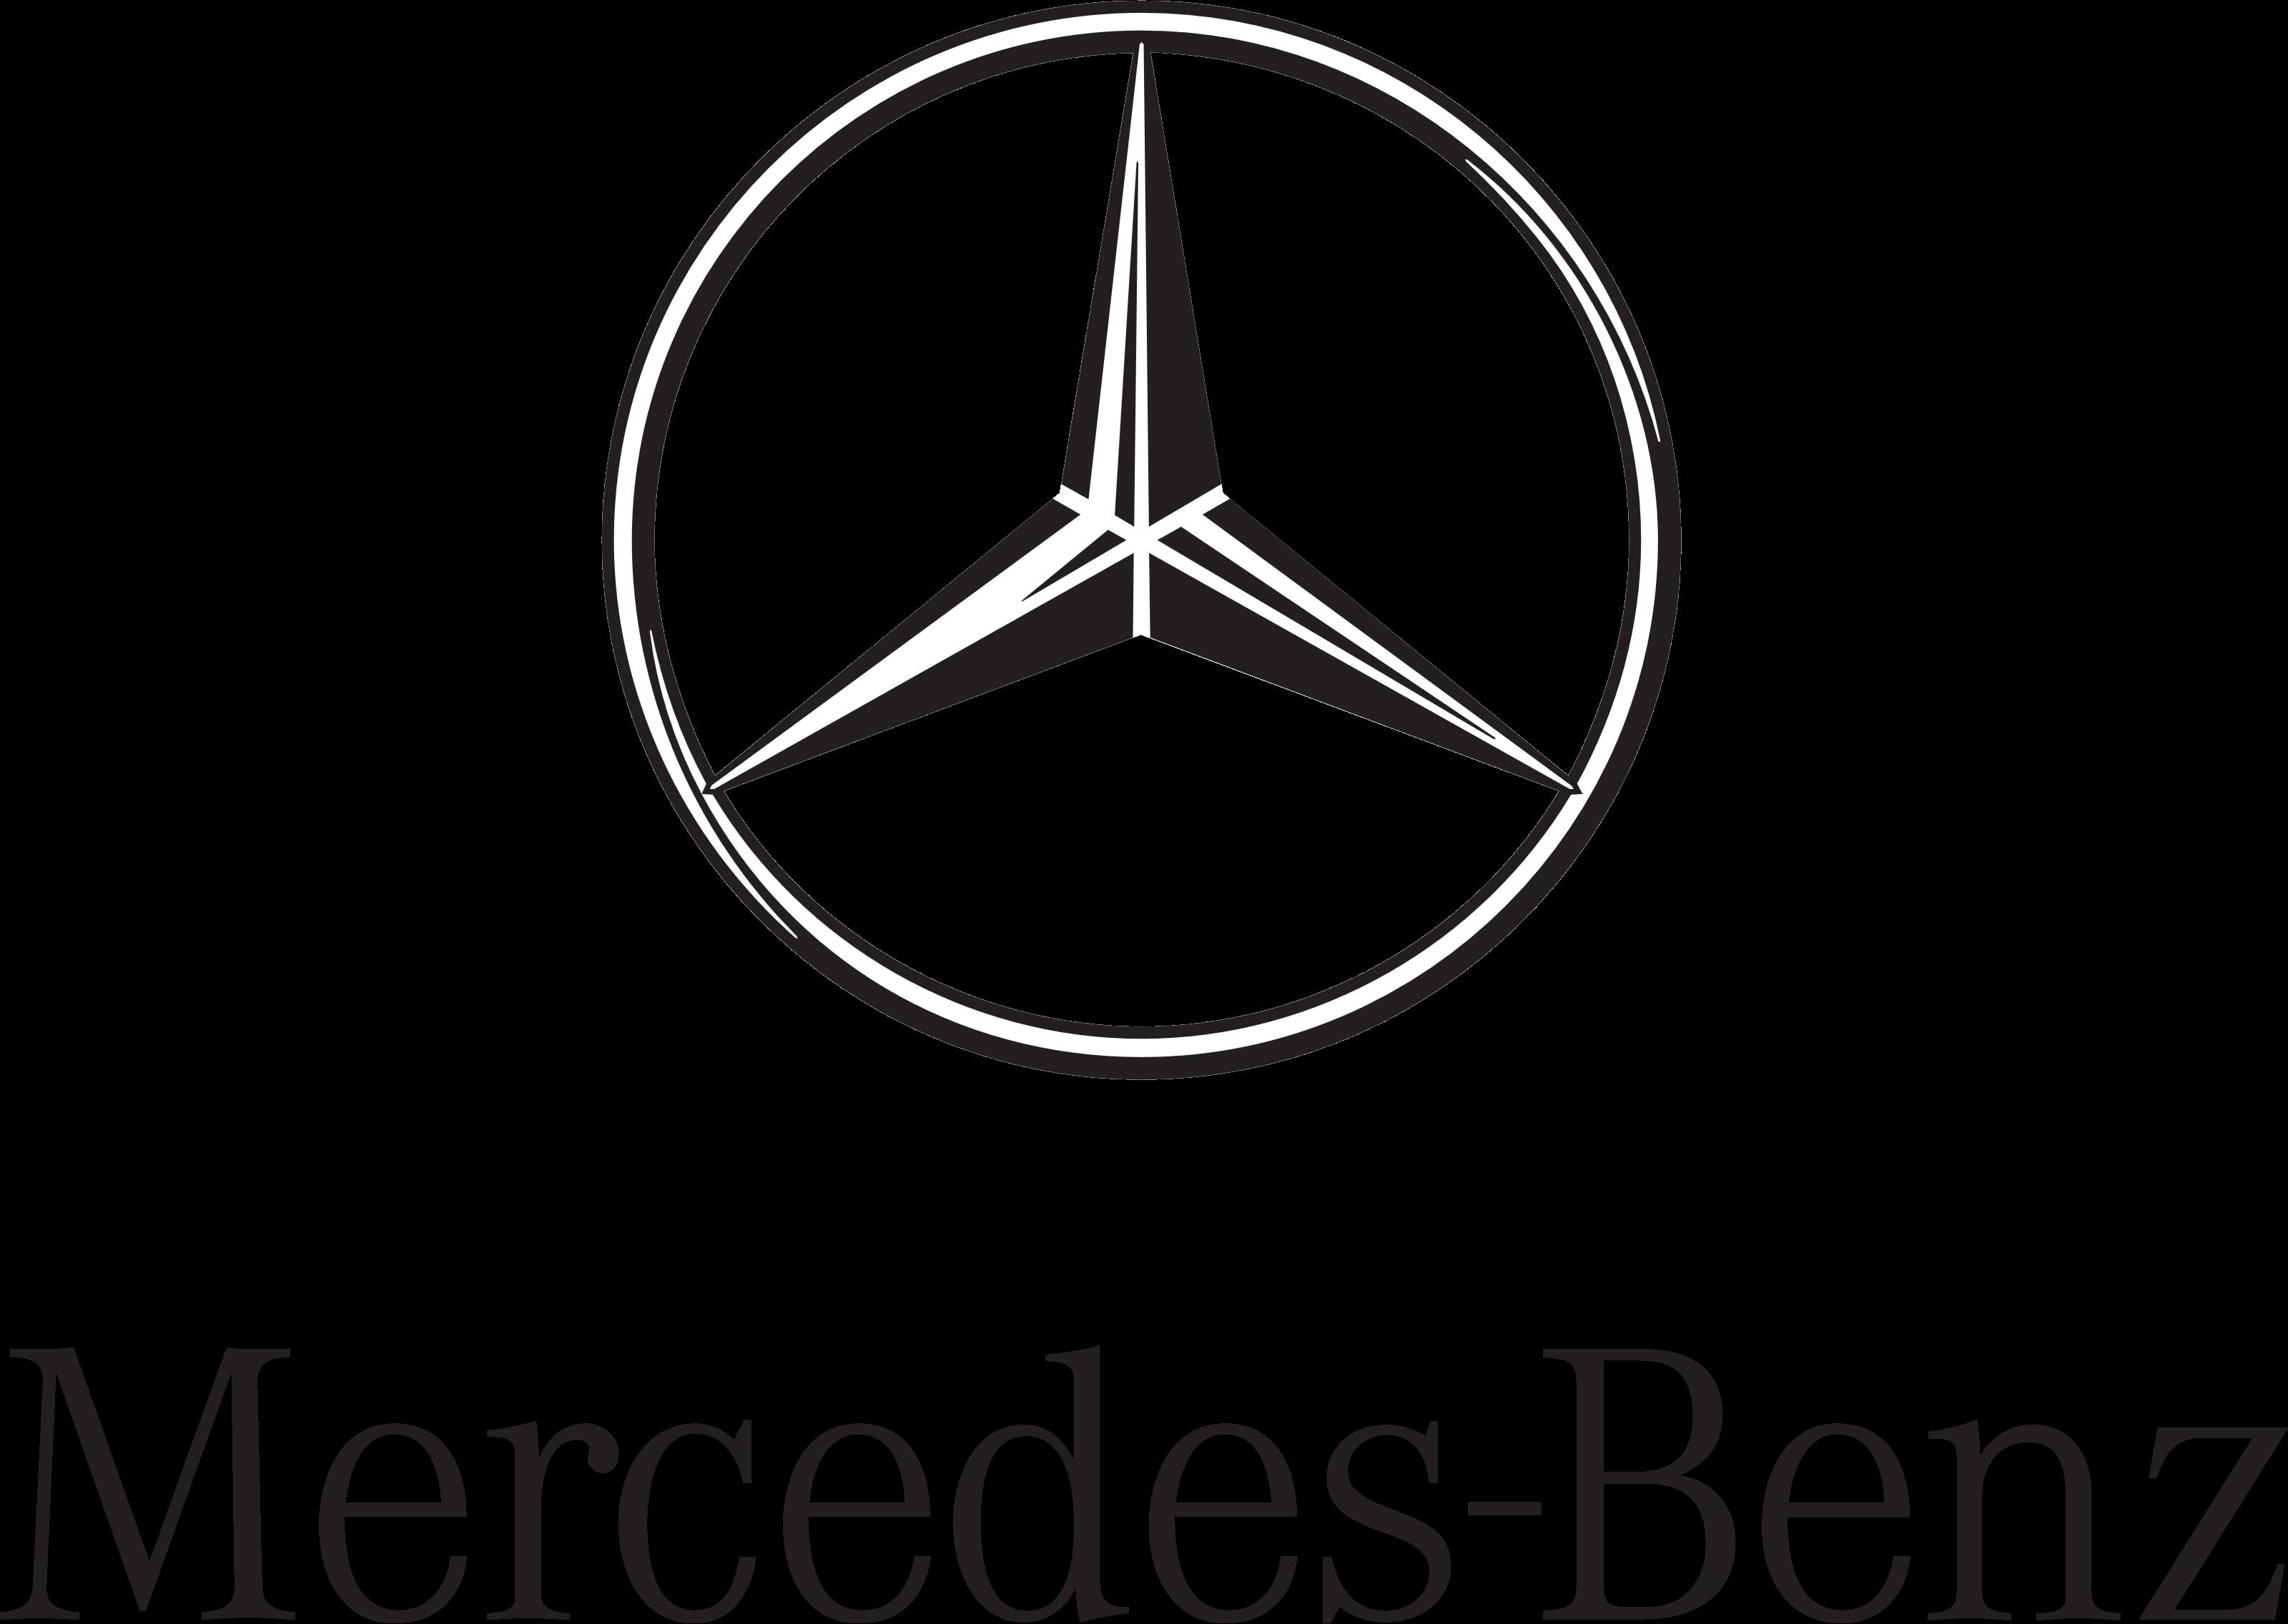 Mercedes-Benz OTR.id